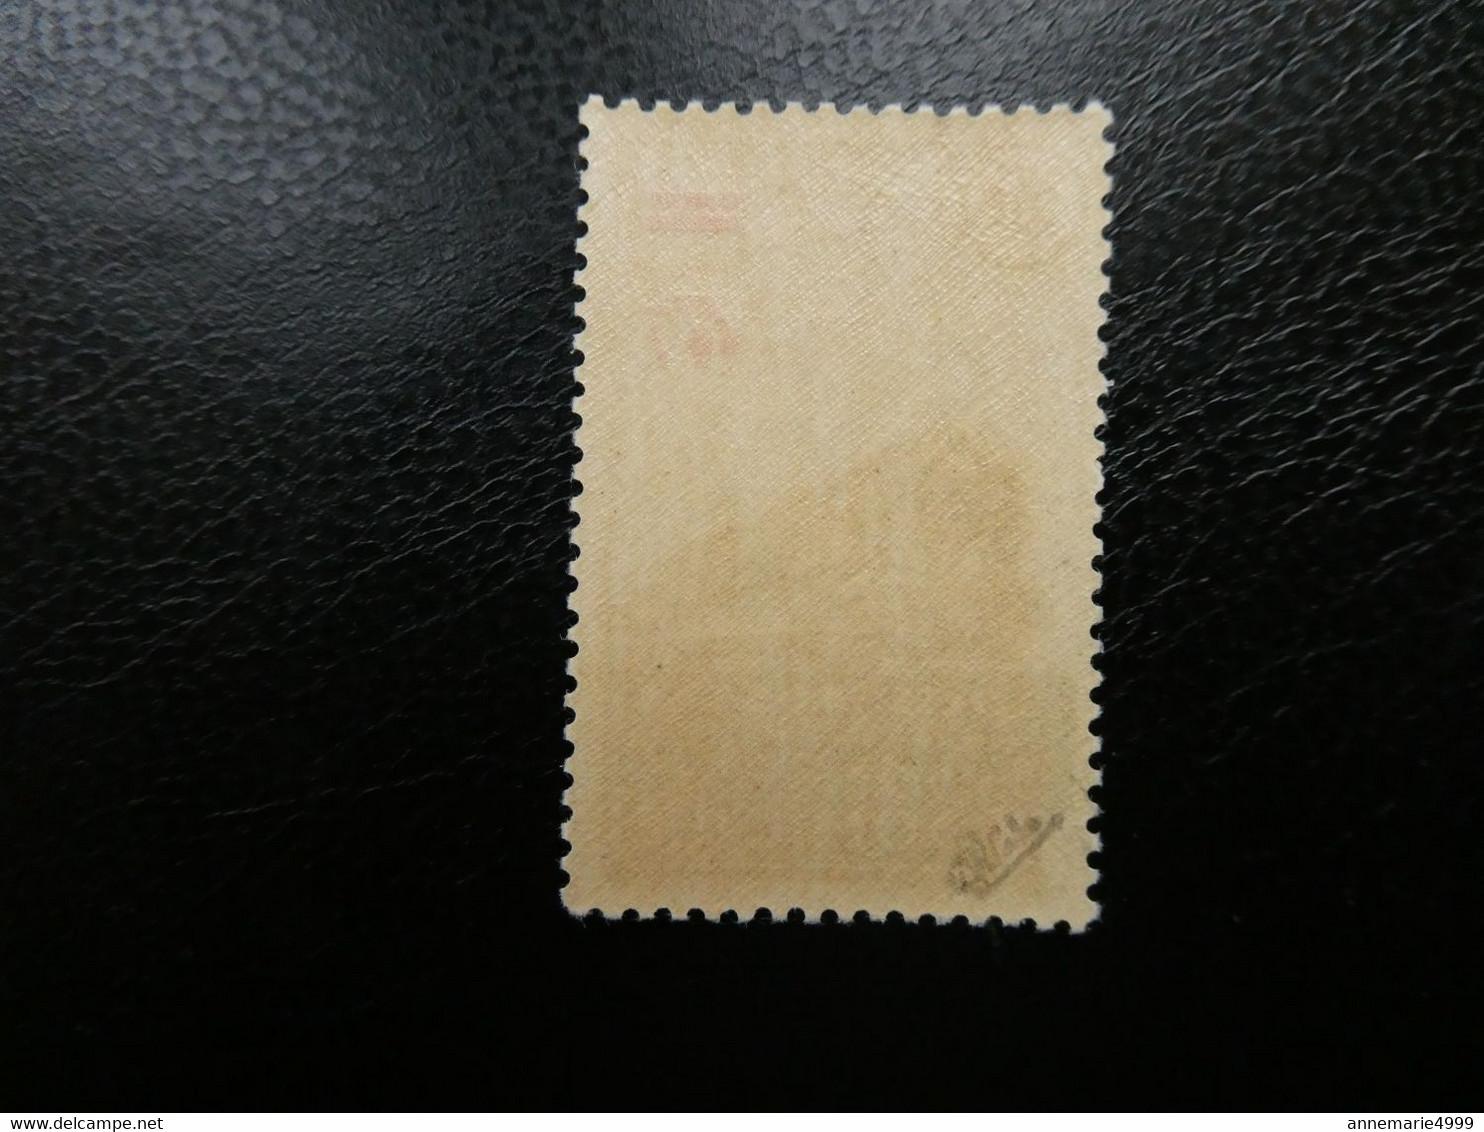 FRANCE Colis Postaux N° 206 A Signé Calves   Neuf Sans Charnière  MNH  Rare Et Même TRES RARE Cote 2250 € - Mint/Hinged